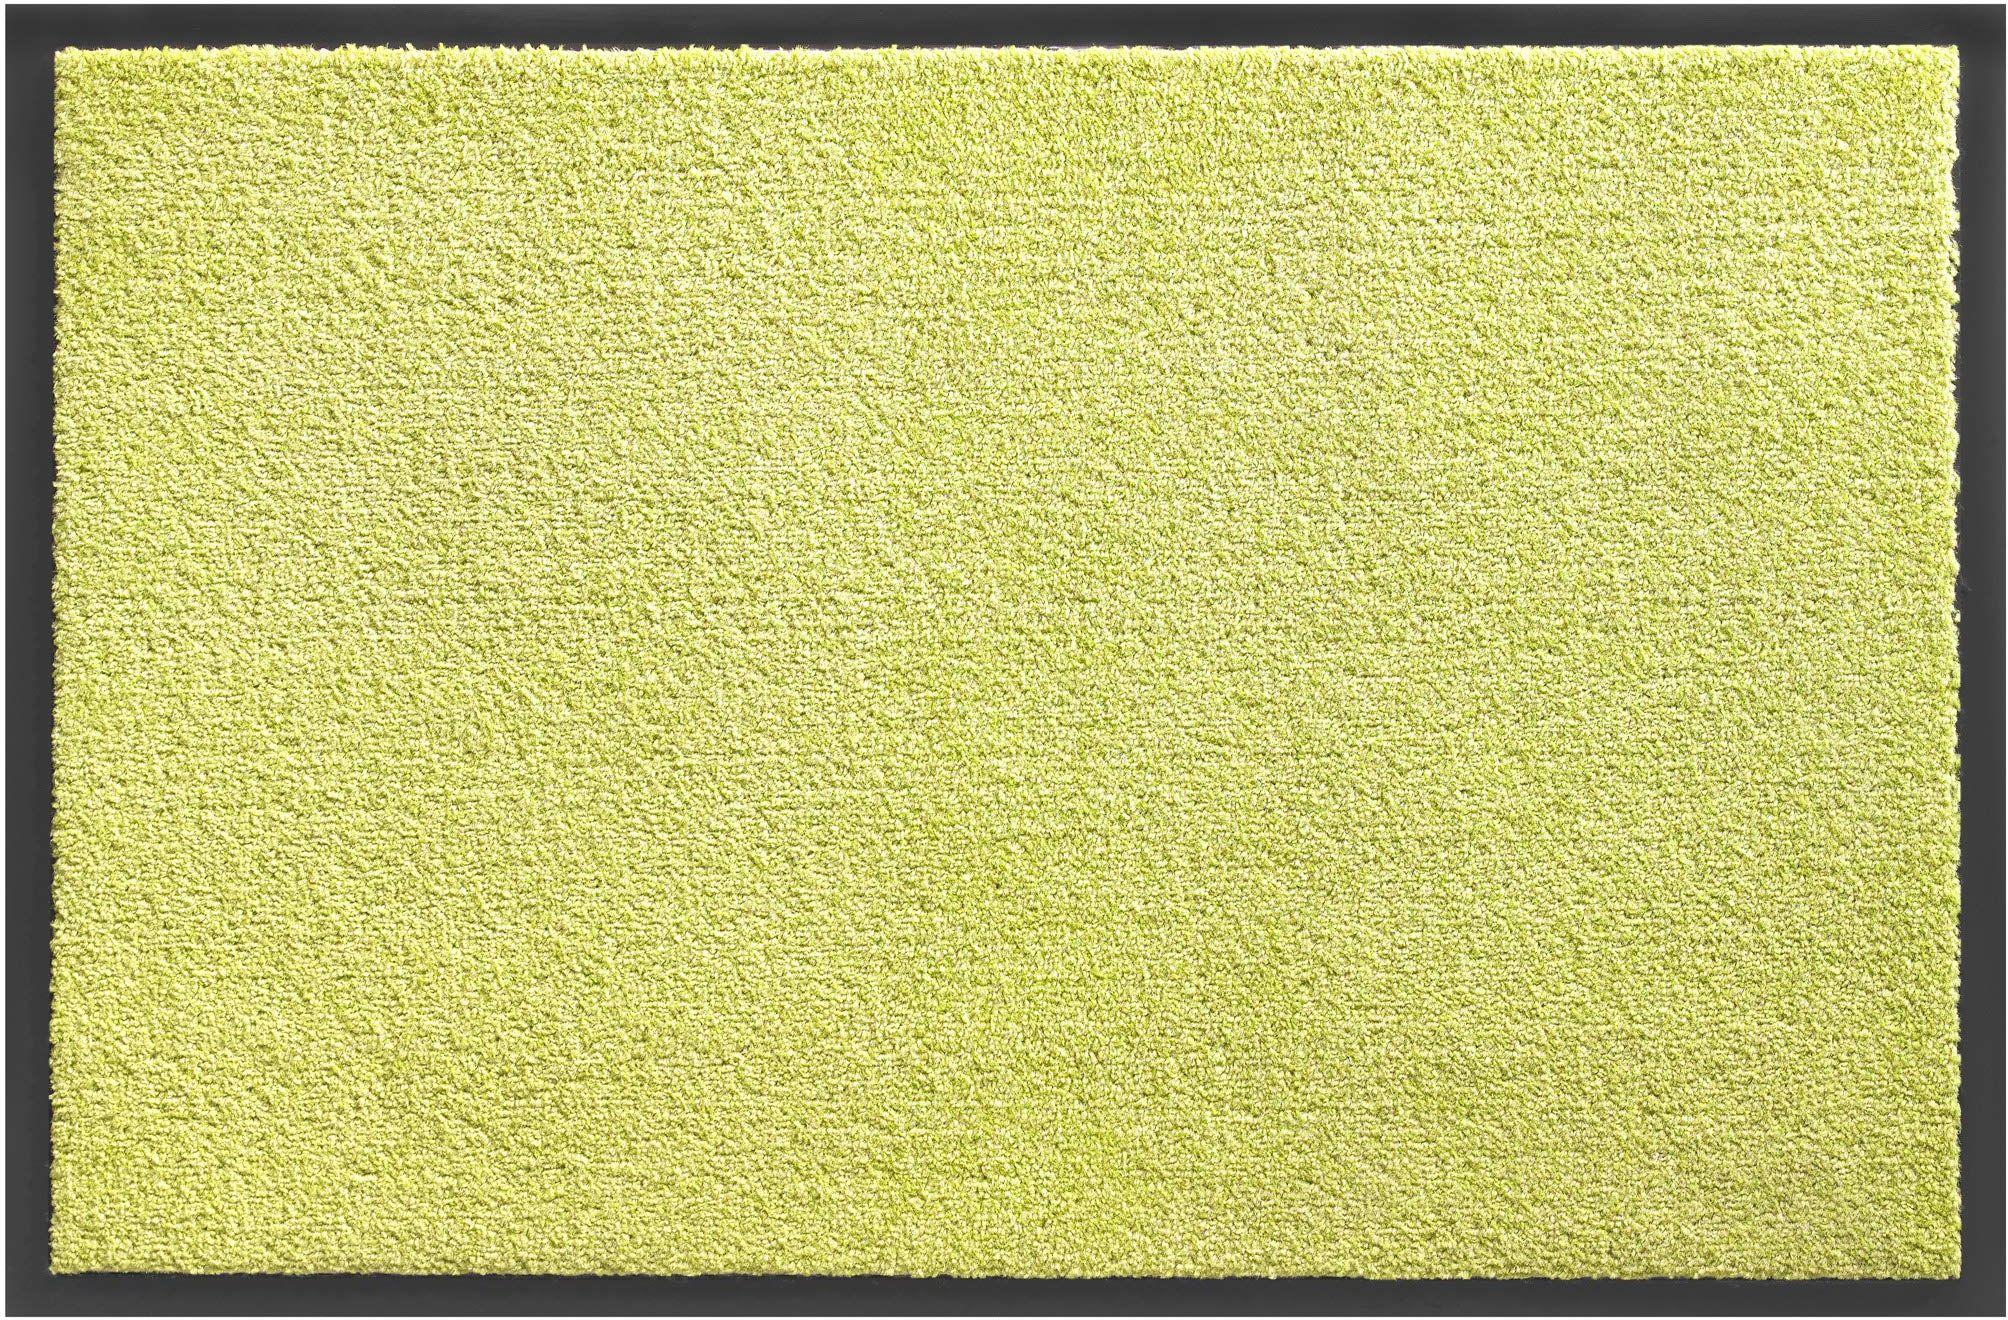 Cukierek mata wejściowa z polipropylenu przeciwpyłowego do użytku w pomieszczeniach 40 x 60 cm zielona